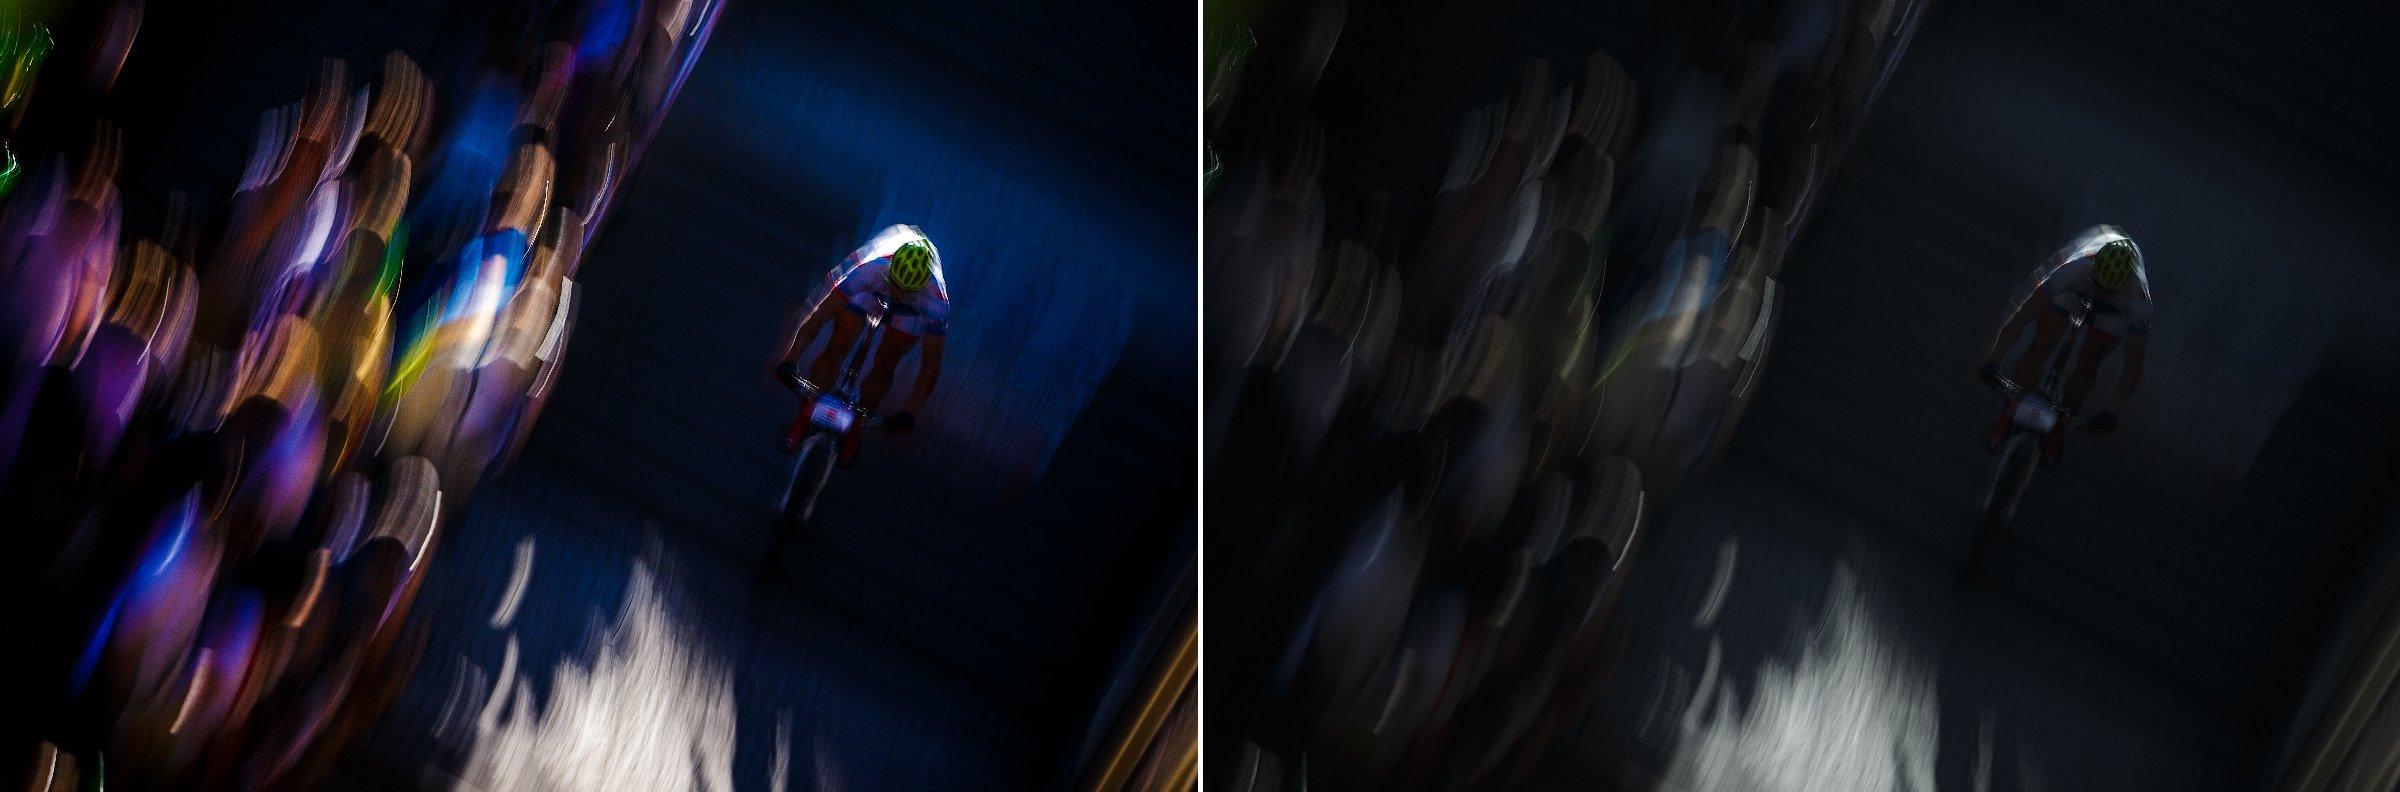 Kontrast, saturace, zesvětlení světel na divácích